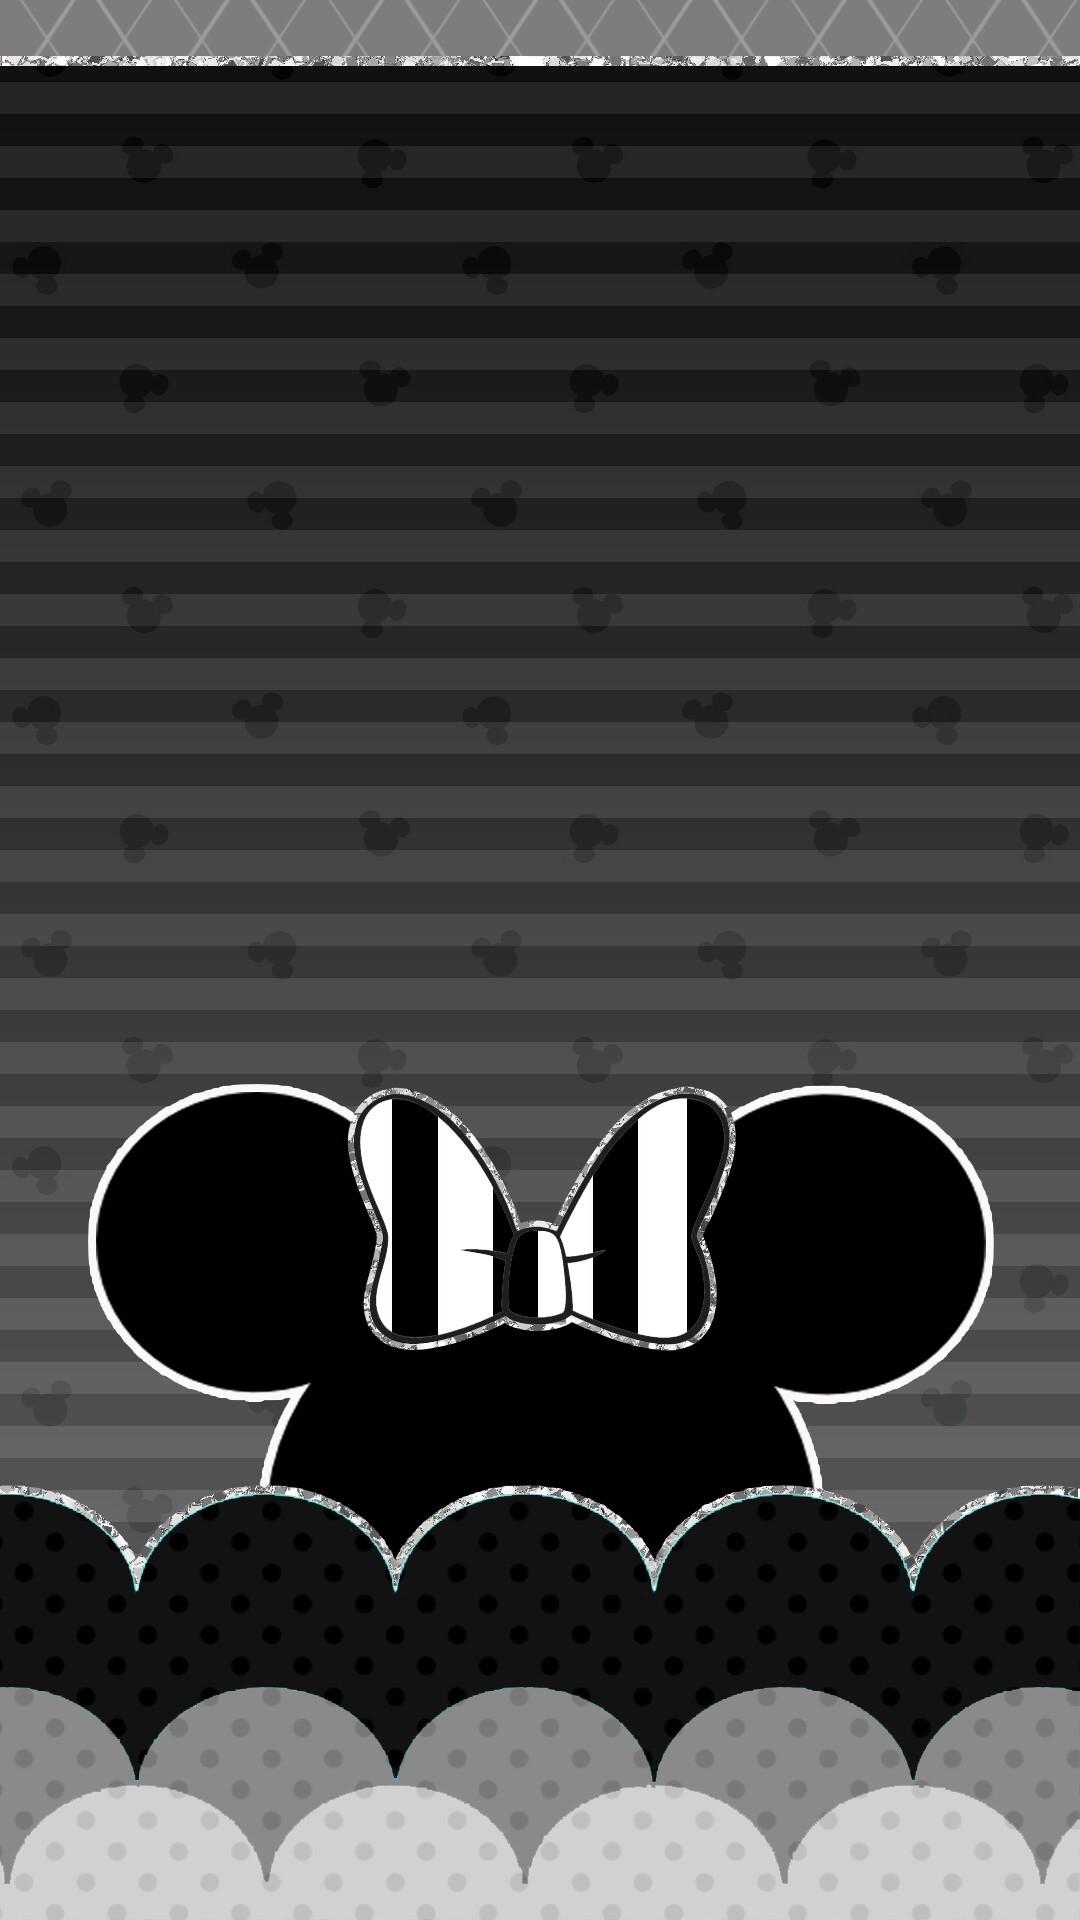 iPhone Wall: MM tjn